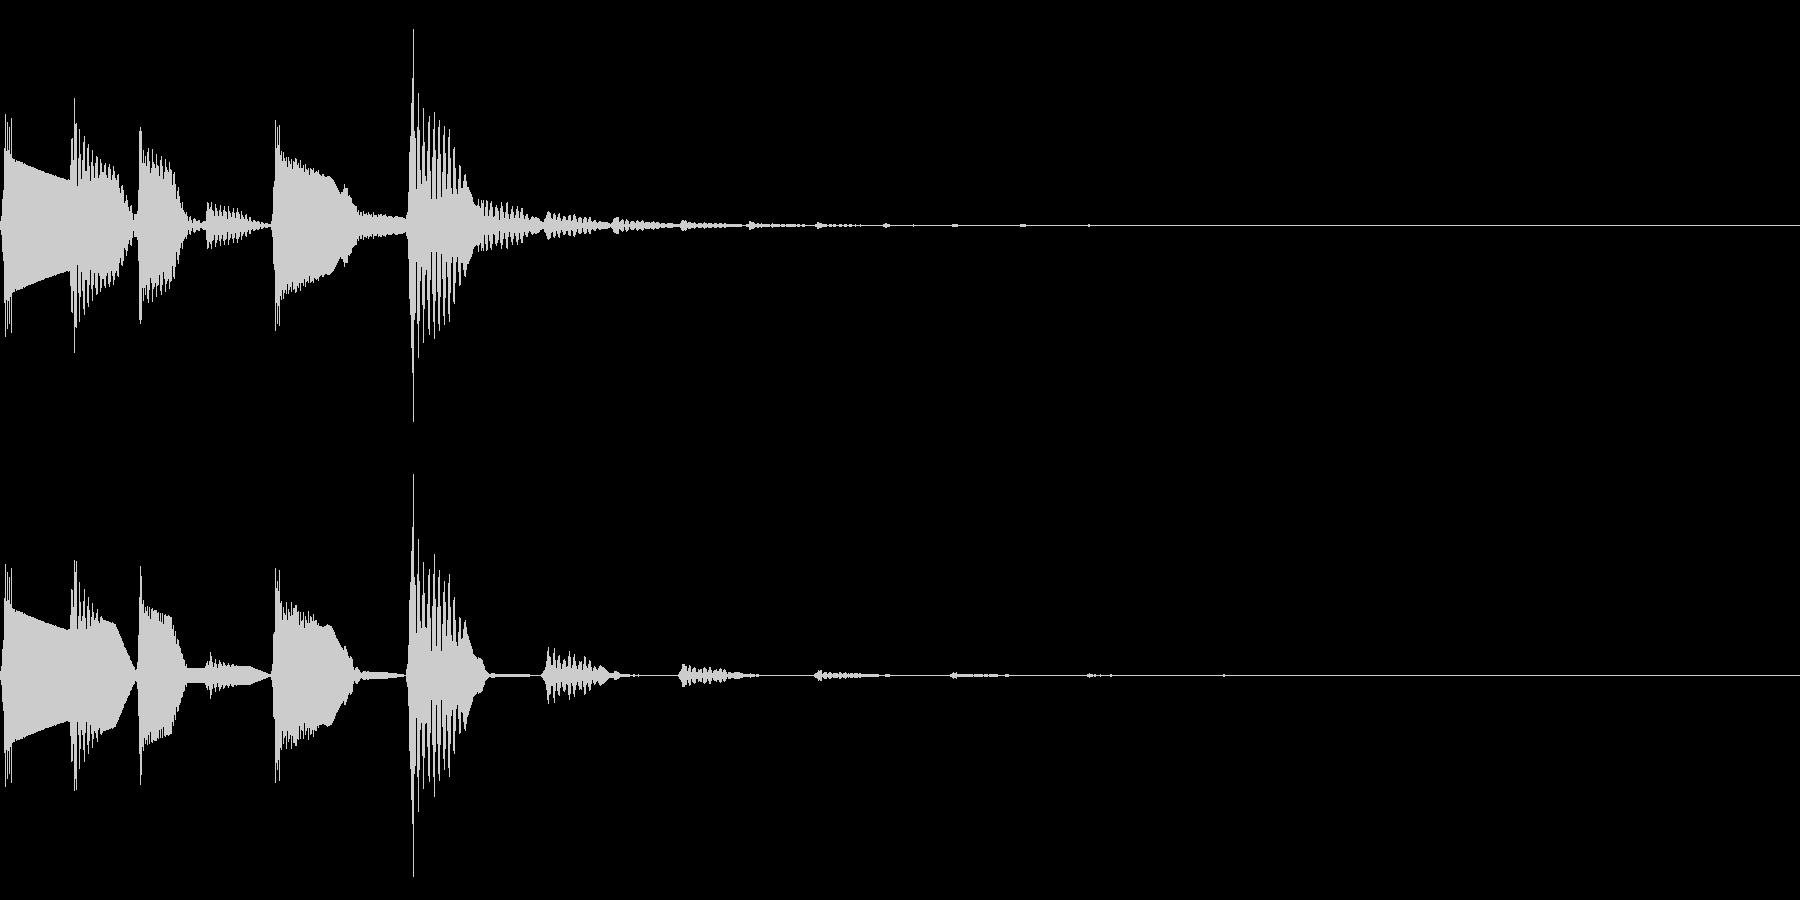 ピコポコ(ファミコンほのぼのアイキャッチの未再生の波形